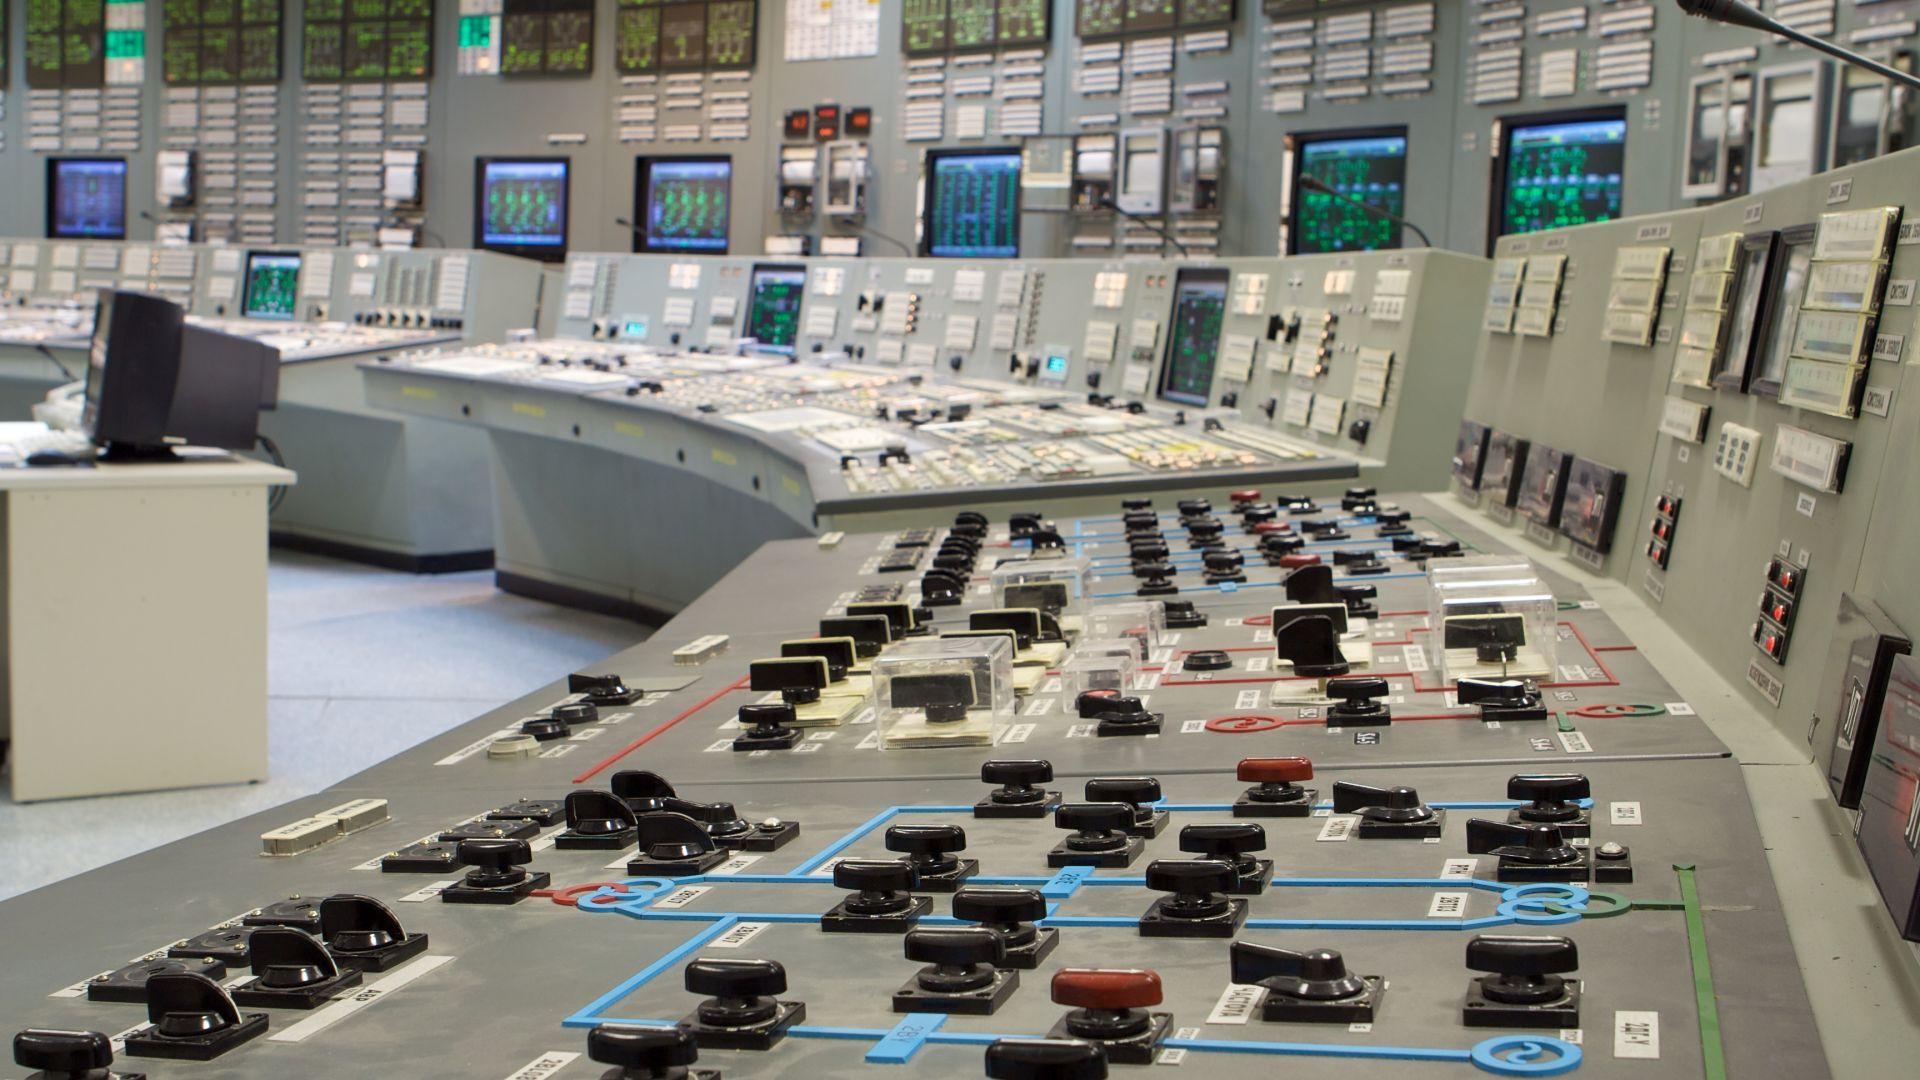 БЕХ започна конкурси за нови управи на най-големите енергийни дружества